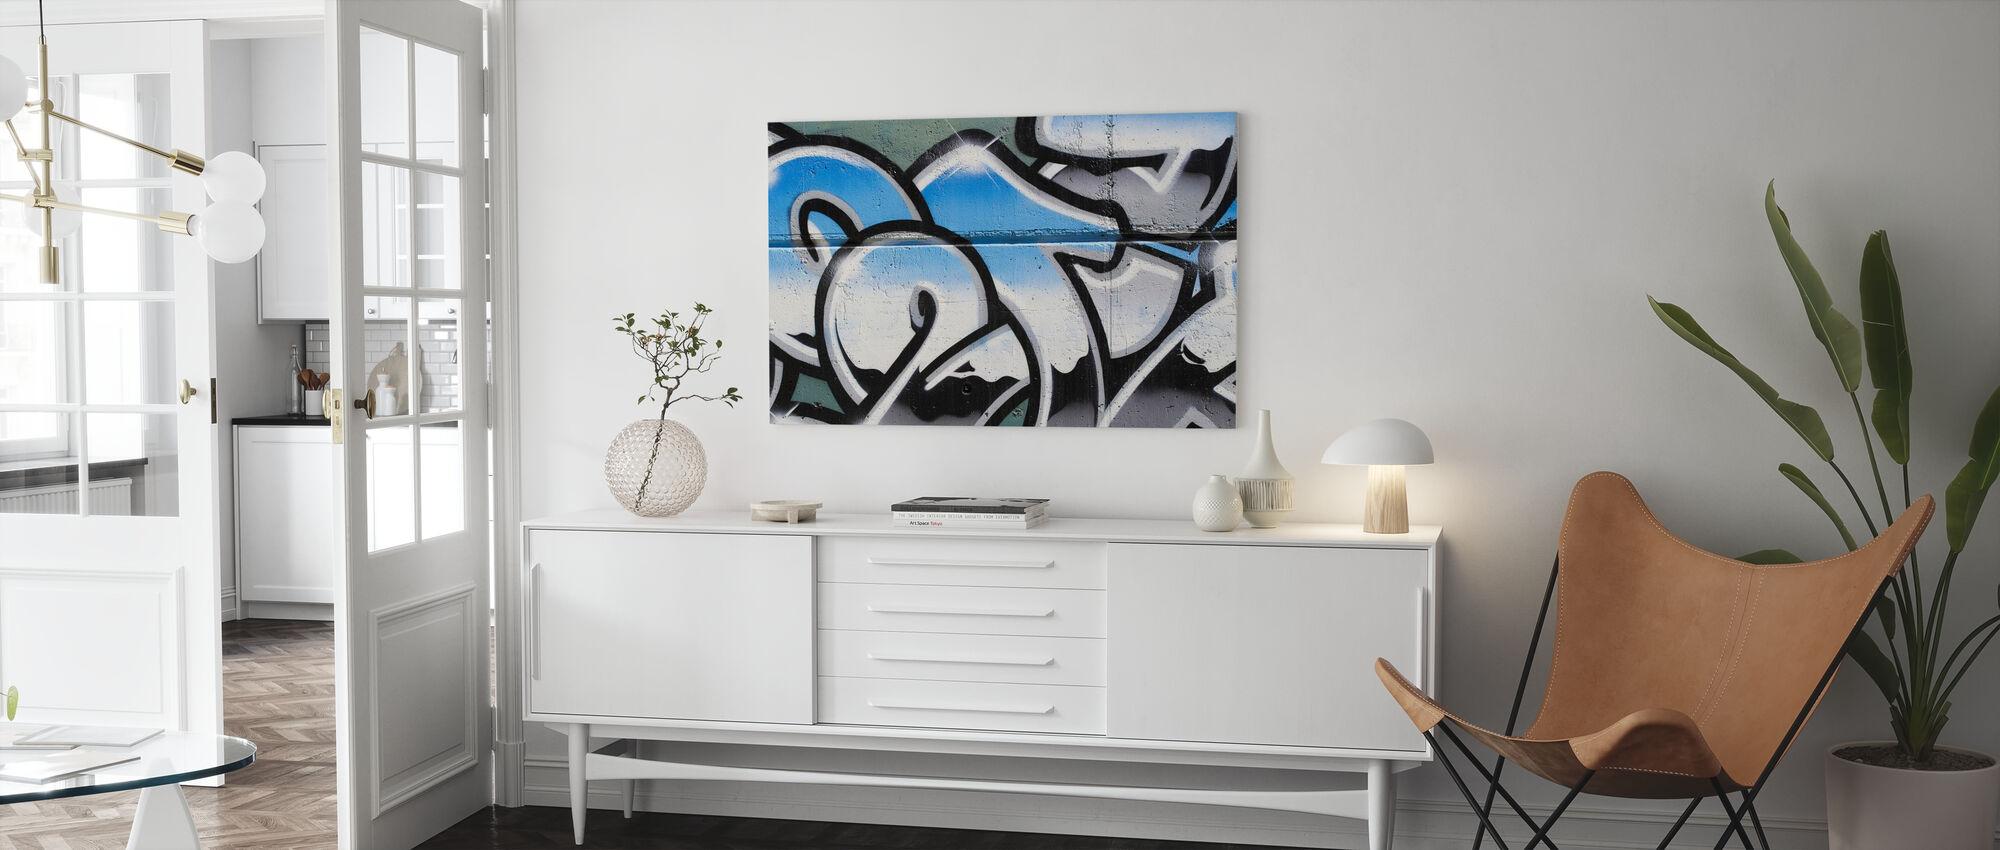 Sininen graffiti - Canvastaulu - Olohuone